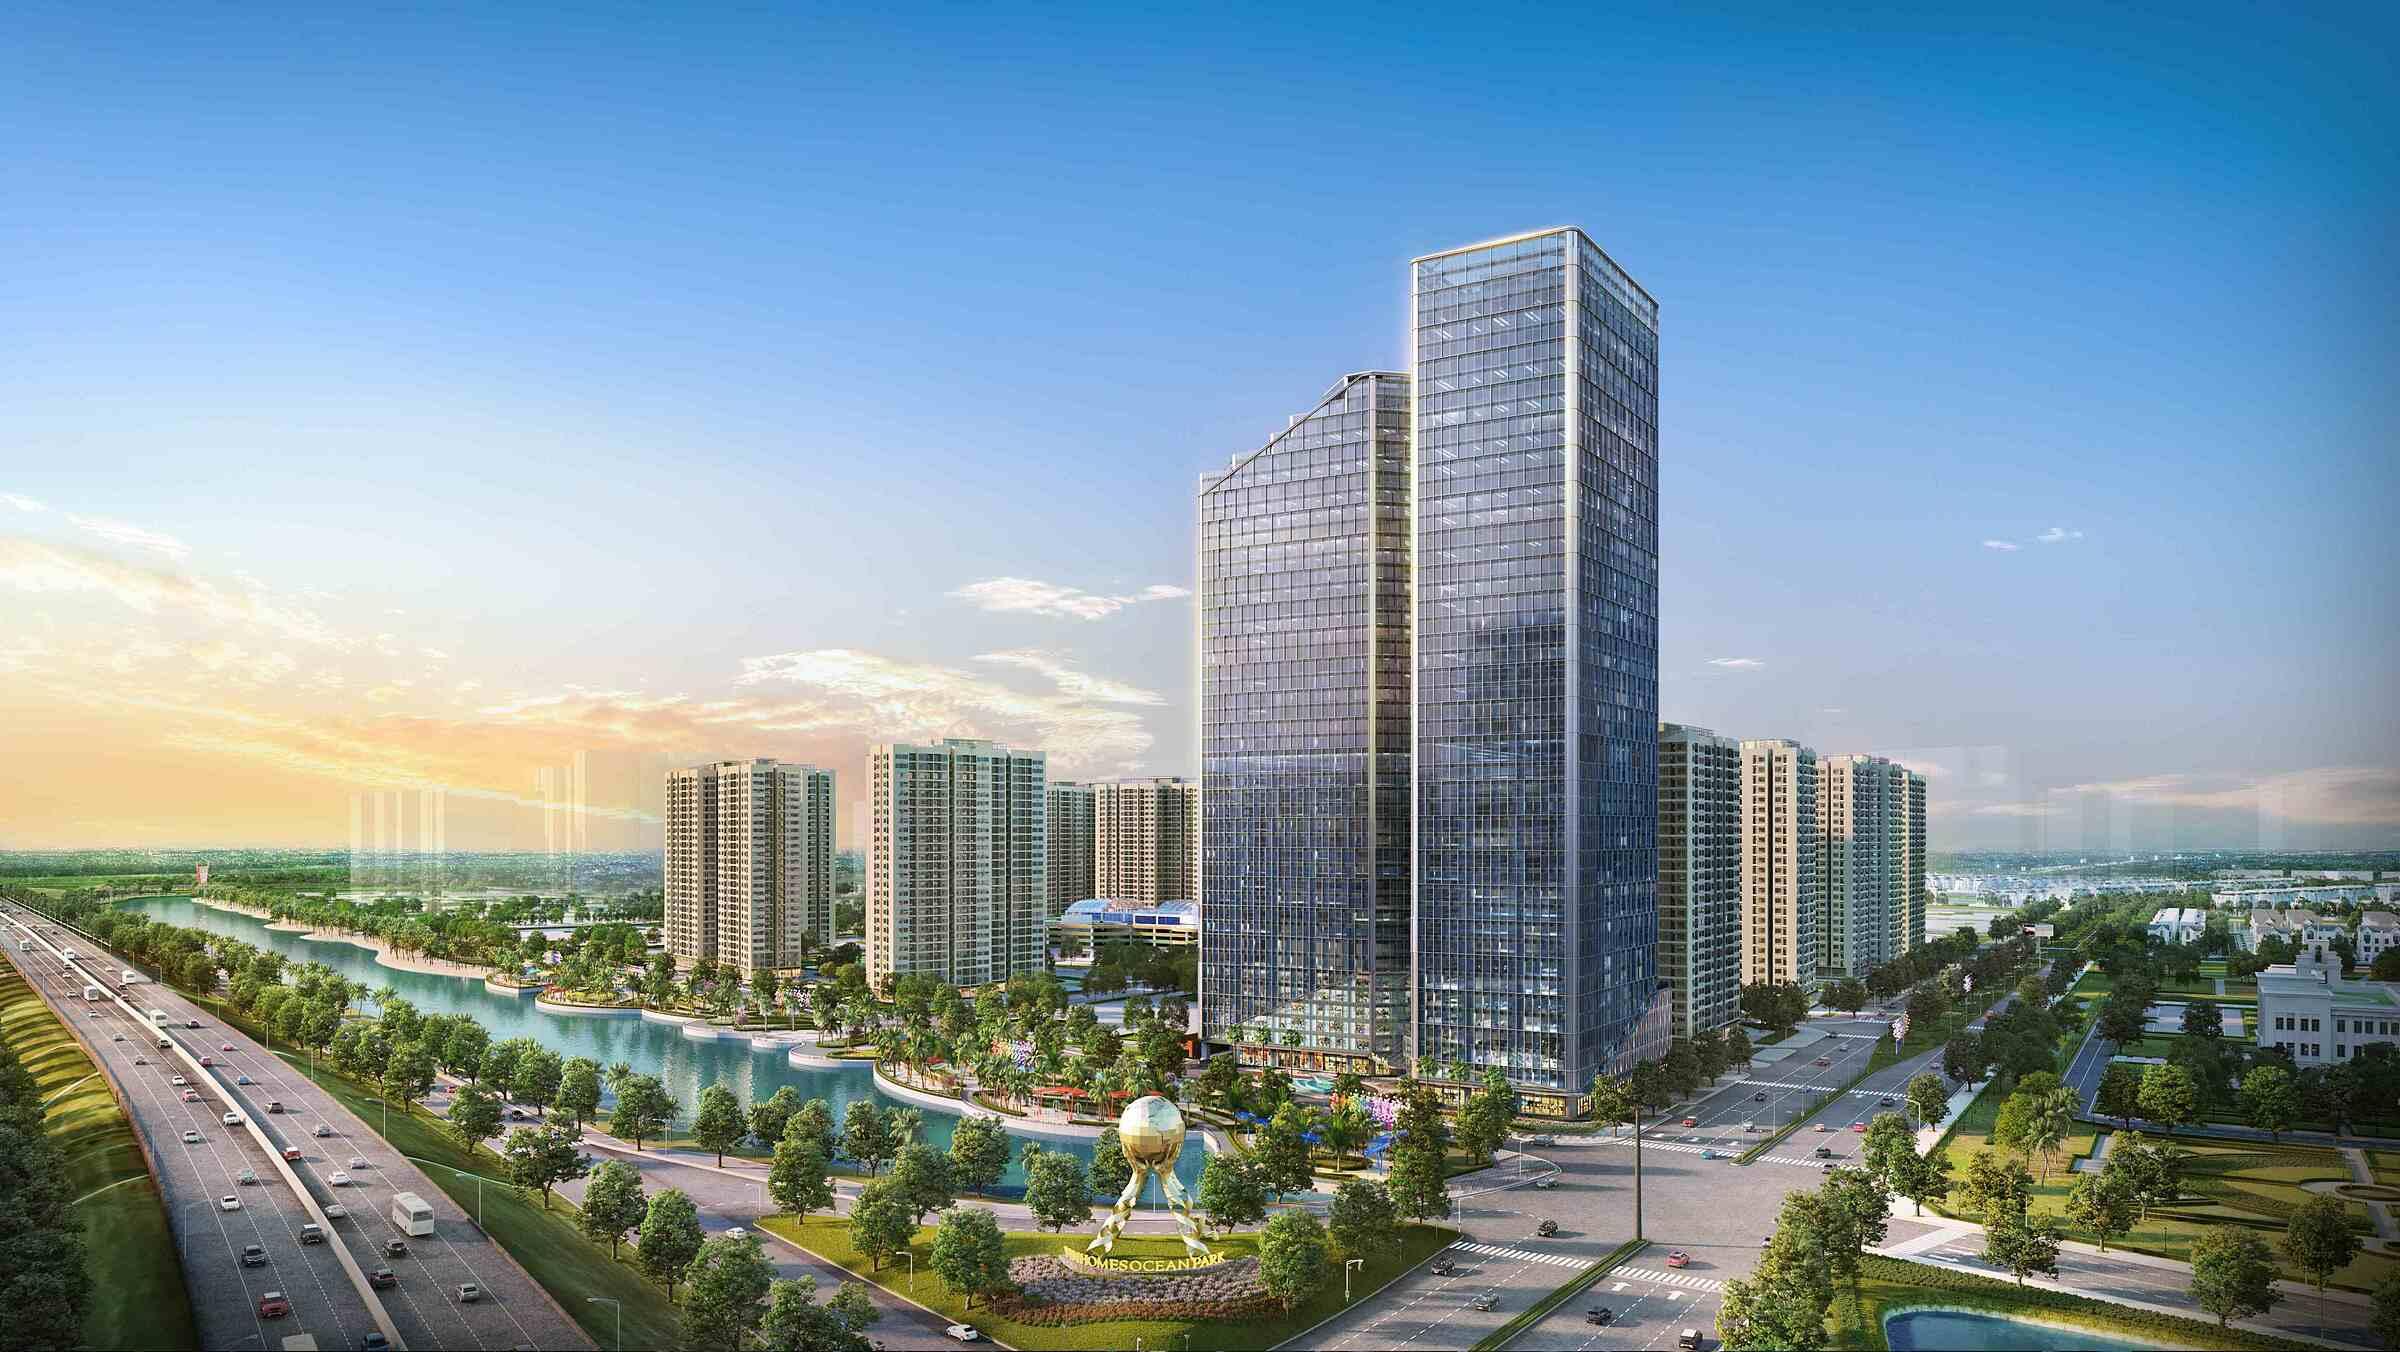 Vingroup kỳ vọng hút giới công nghệ đến TechnoPark Tower nhờ thiết kế xanh